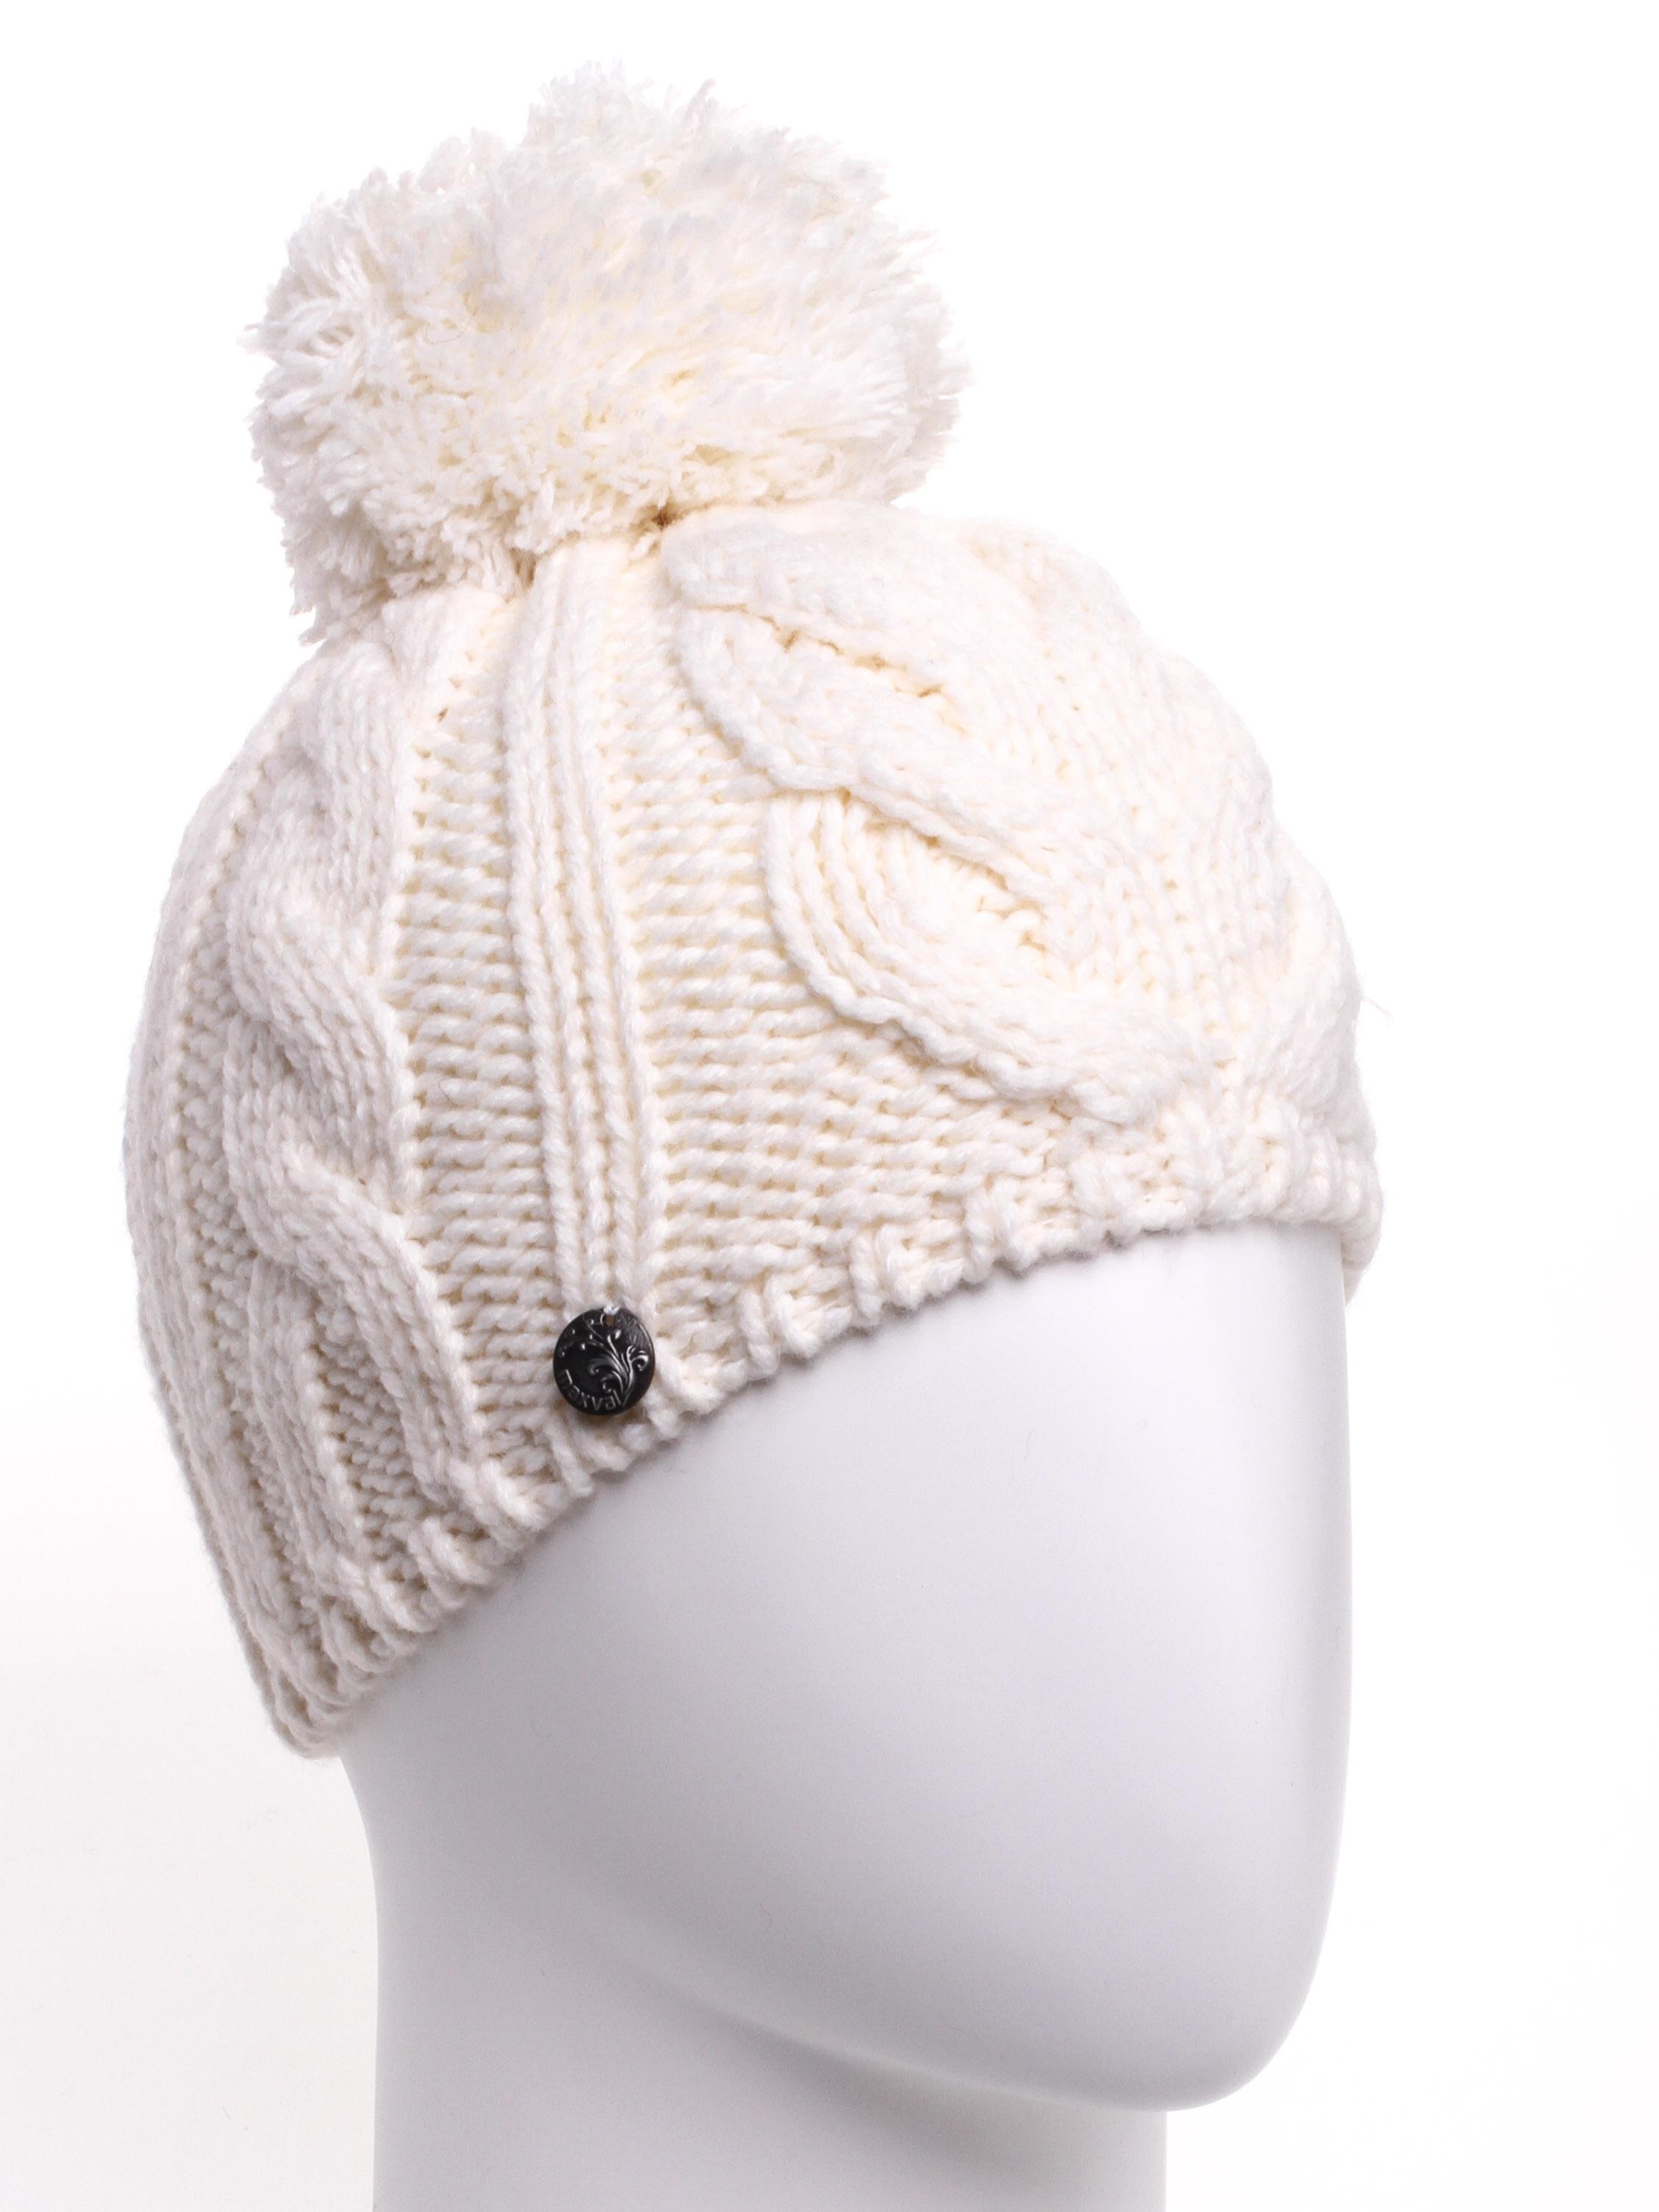 ШапкаШапки<br>Молодежная шапка подарит Вам тепло и комфорт.  Стильный аксессуар подчеркнет Вашу женственность и станет прекрасным дополнением Вашего образа.  Цвет: молочный<br><br>По материалу: Вязаные,Трикотаж<br>По рисунку: Однотонные<br>По элементам: С помпоном<br>По сезону: Зима<br>Размер : universal<br>Материал: Вязаное полотно<br>Количество в наличии: 1